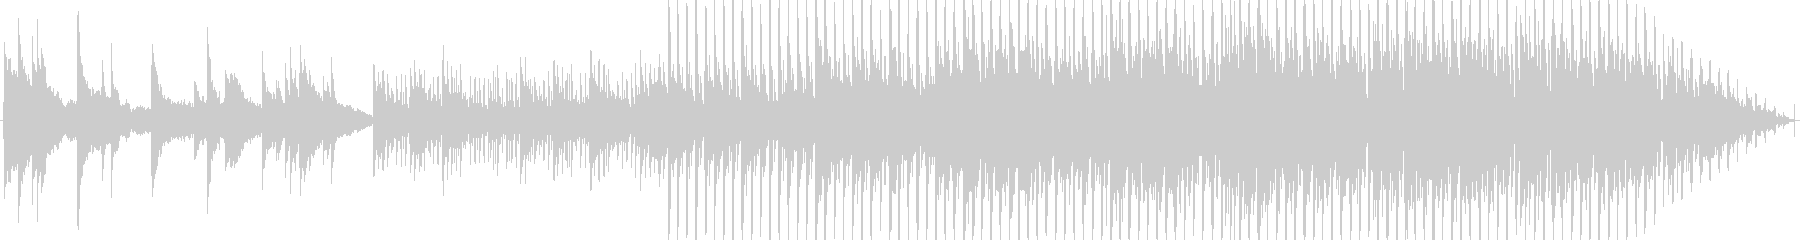 都会的な、おしゃれピアノハウスの未再生の波形